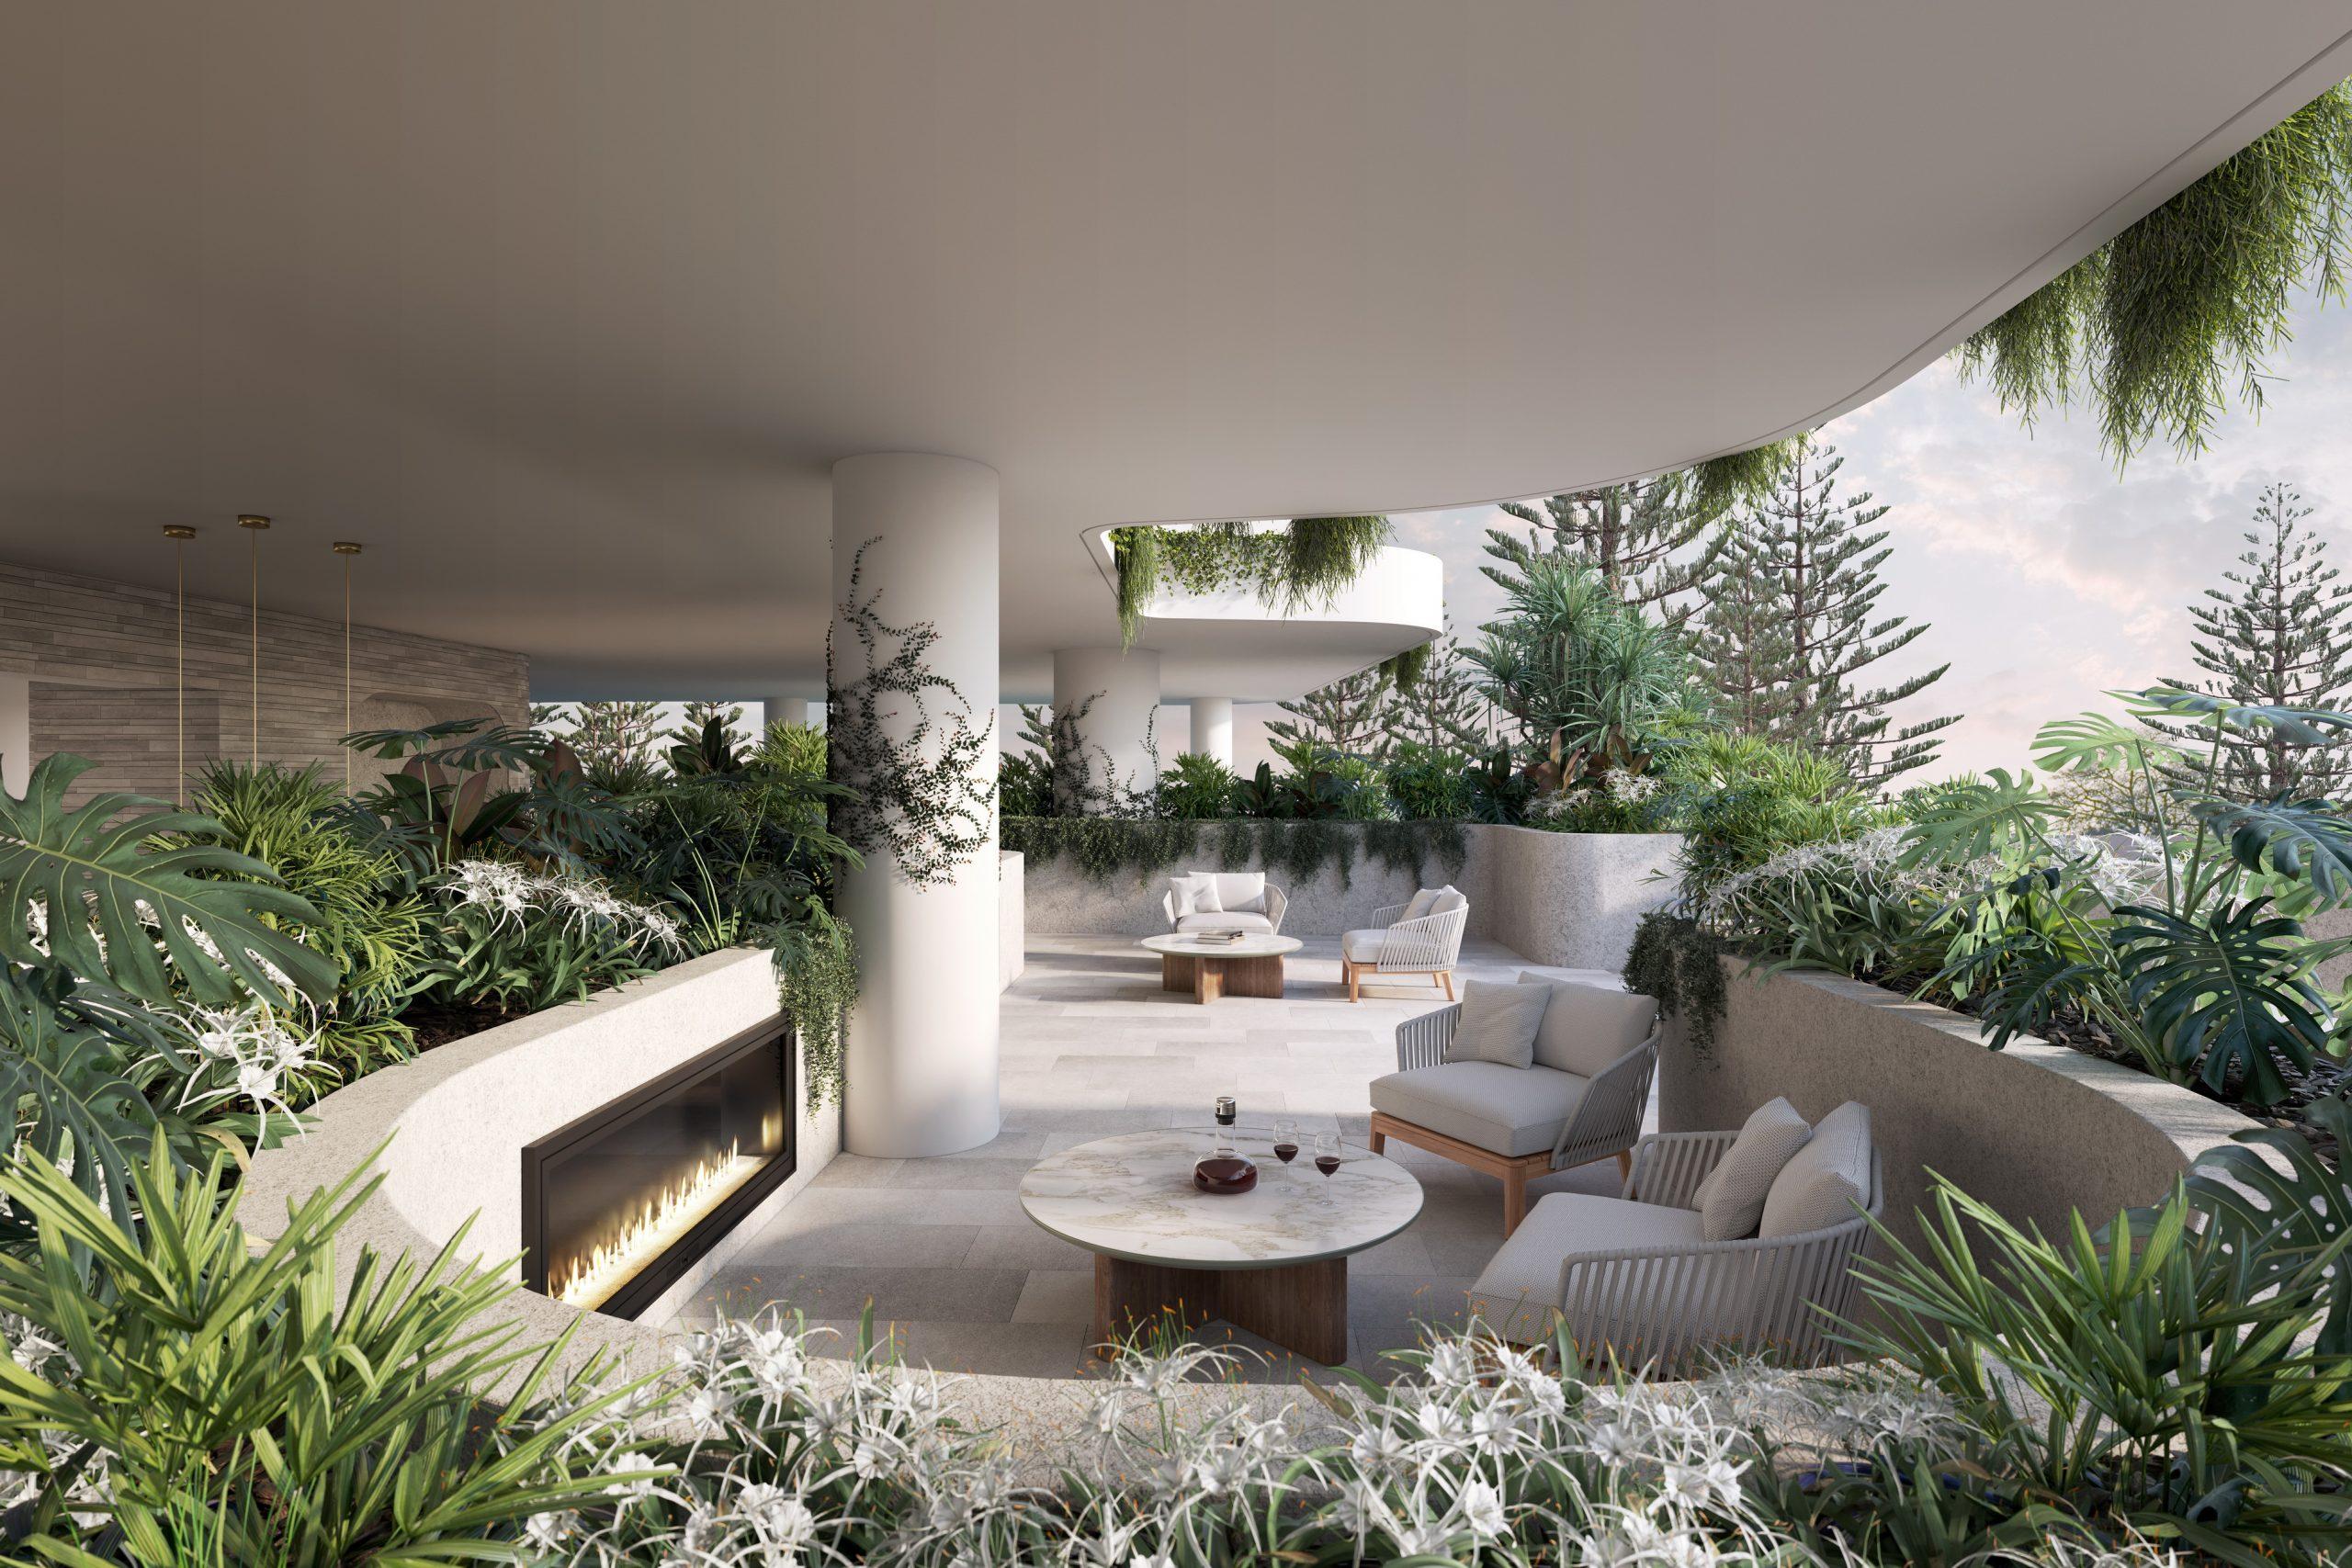 Fkd-studio-dawn-mermaid-beach-mosaic-property-render-3d-amenity-outdoor-space